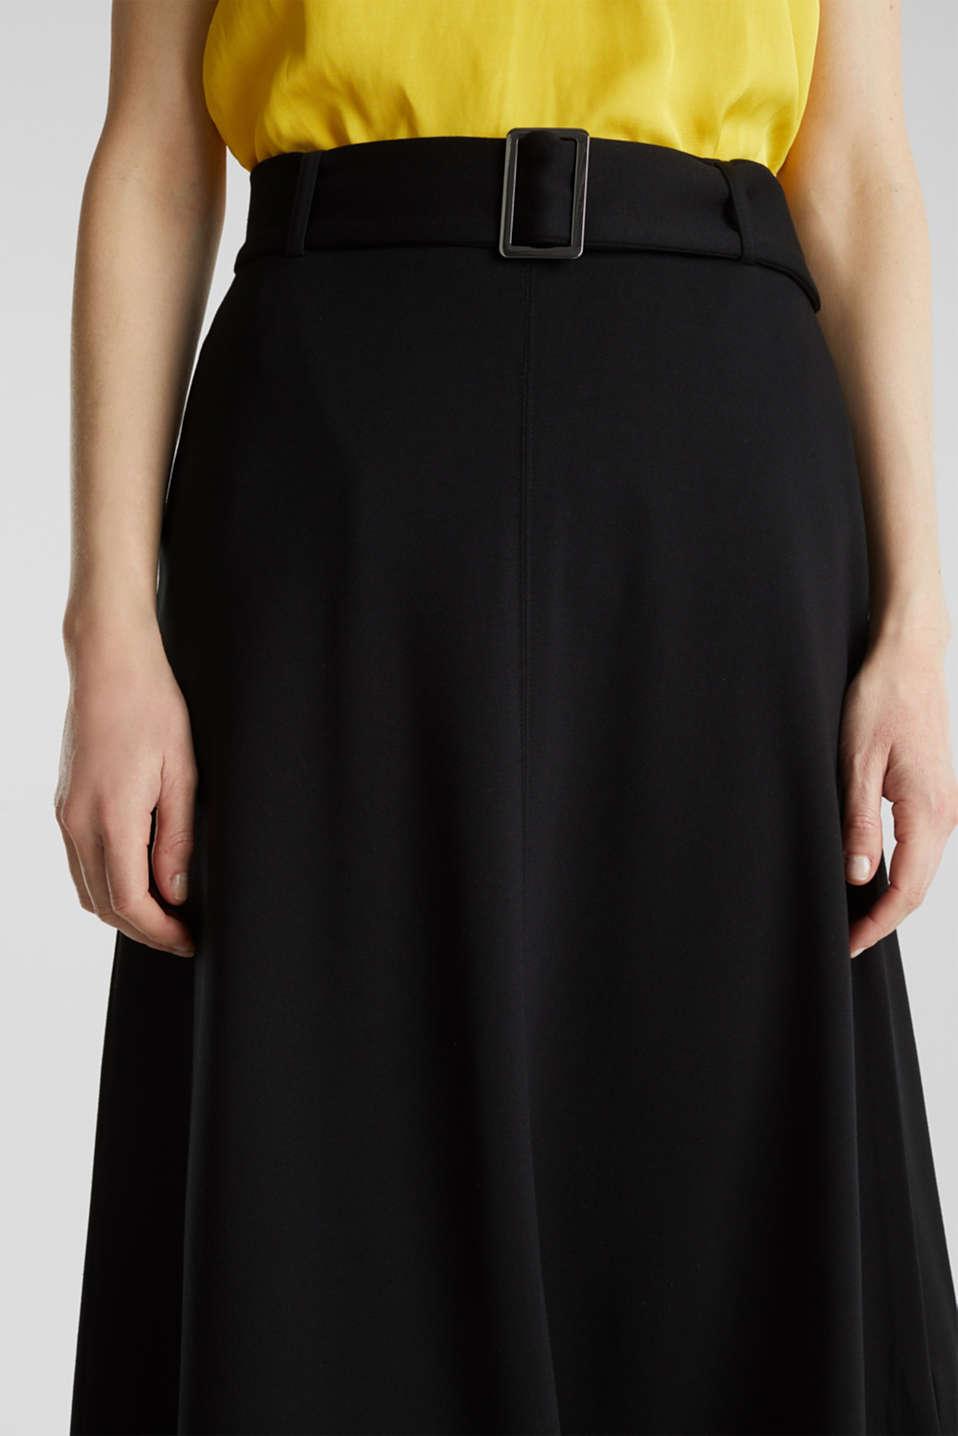 Melange A-line jersey skirt, BLACK, detail image number 2